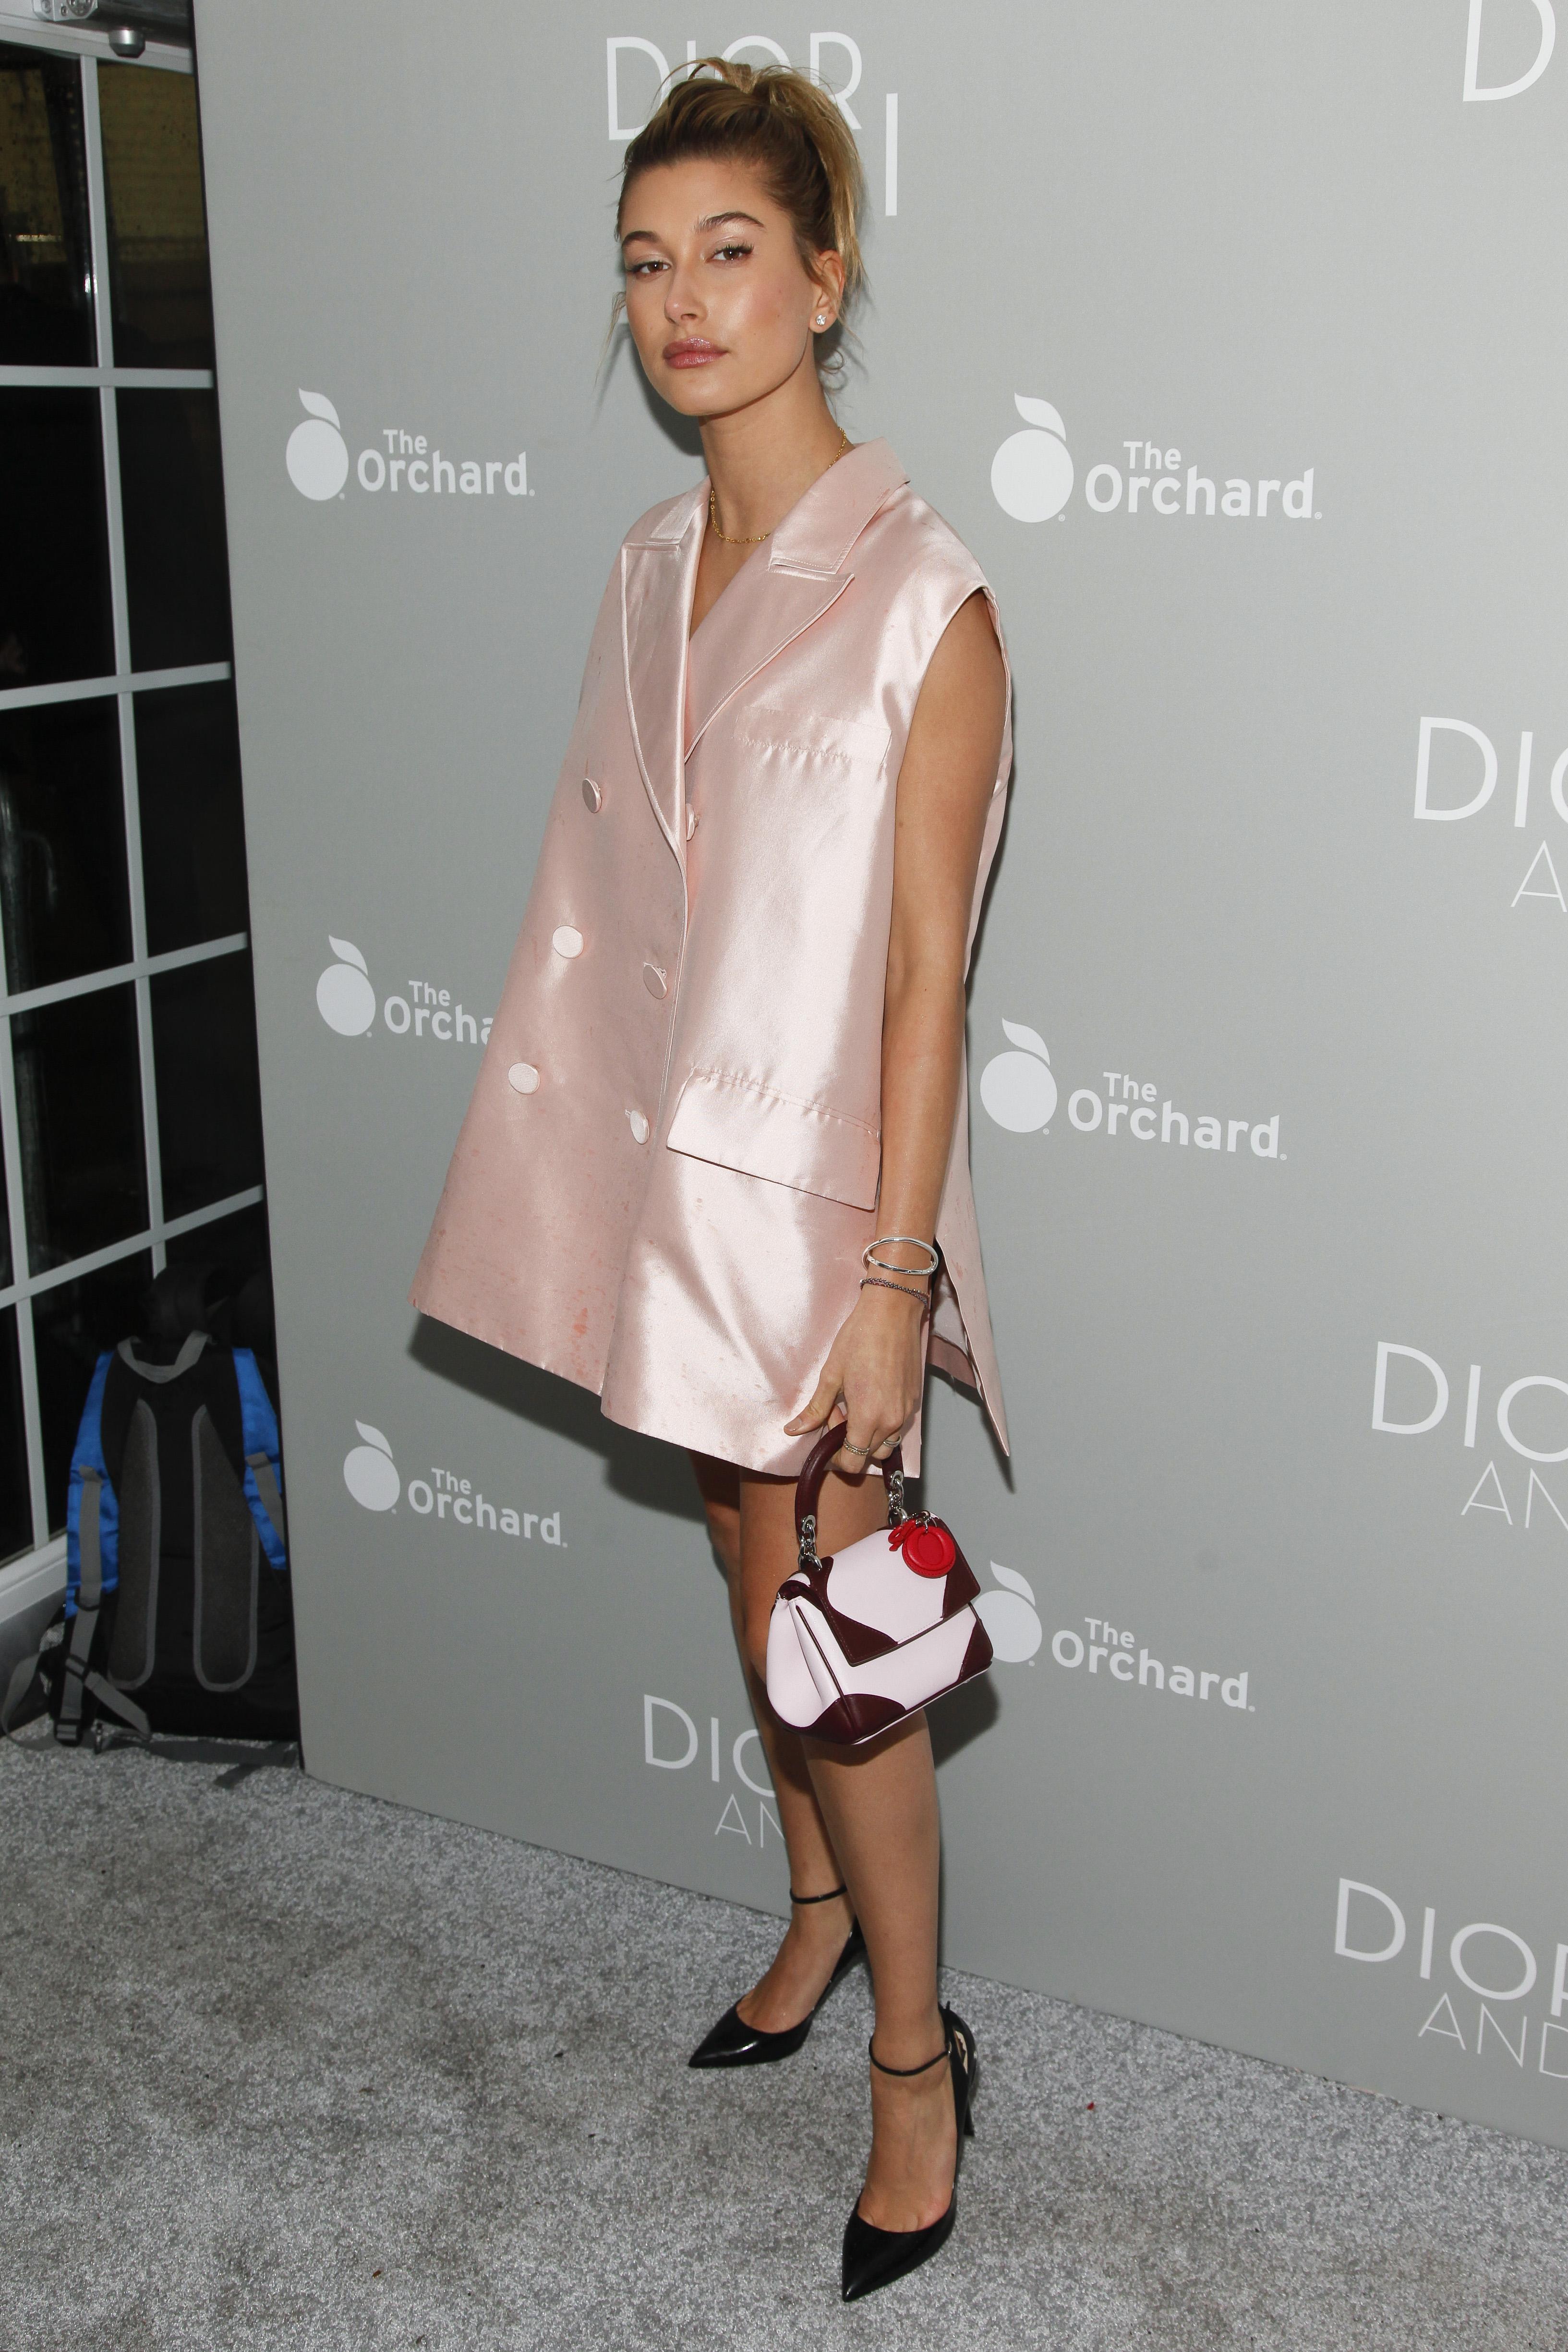 Модный конфуз: 18-летняя дочь Болдуина в коротком платье